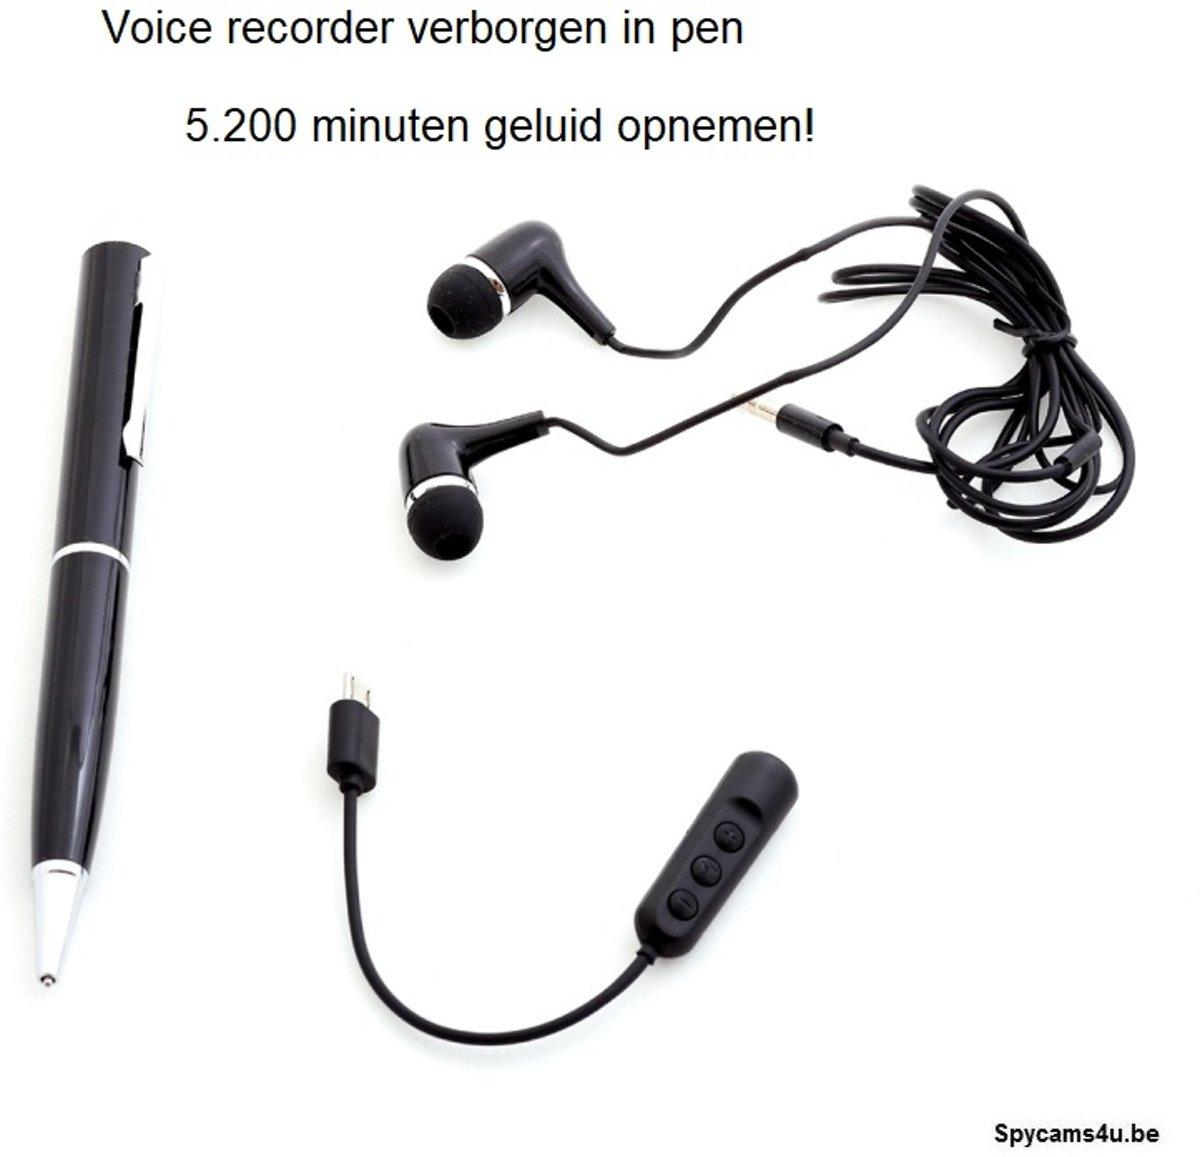 Spy recorder in pen - voice recorder verborgen in pen - spy camera - geluidsrecorder verborgen in pen